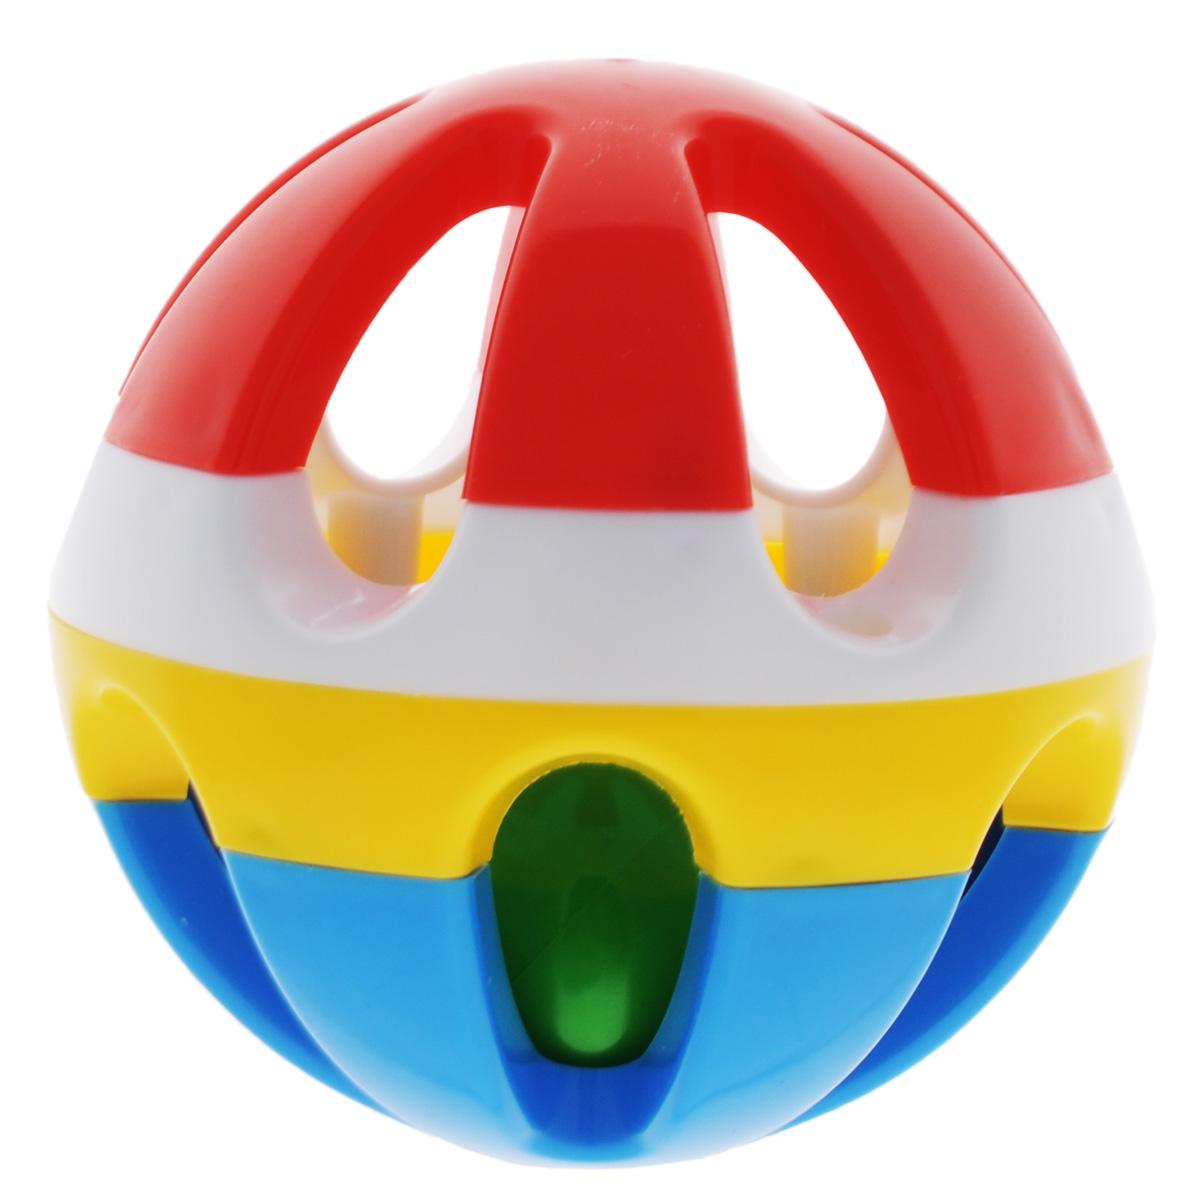 Погремушка Stellar Шар, 9 см, цвет: красный, белый, желтый, синий01506Погремушка Stellar Шар создана специально для самых маленьких. Игрушка выполнена из яркого полипропилена в виде шара с прорезями, внутри которого находится маленький шарик с гремящими при тряске гранулами. Игра предназначена для детей с первых дней жизни. Вначале ребенок будет рассматривать за движущимся шаром, а позже научится держать в руках погремушку и извлекать из нее звук. Яркие цвета развивают зрительное восприятие ребенка. УВАЖАЕМЫЕ КЛИЕНТЫ! Обращаем ваше внимание на ассортимент в цветовом дизайне товара. Поставка осуществляется в зависимости от наличия на складе.